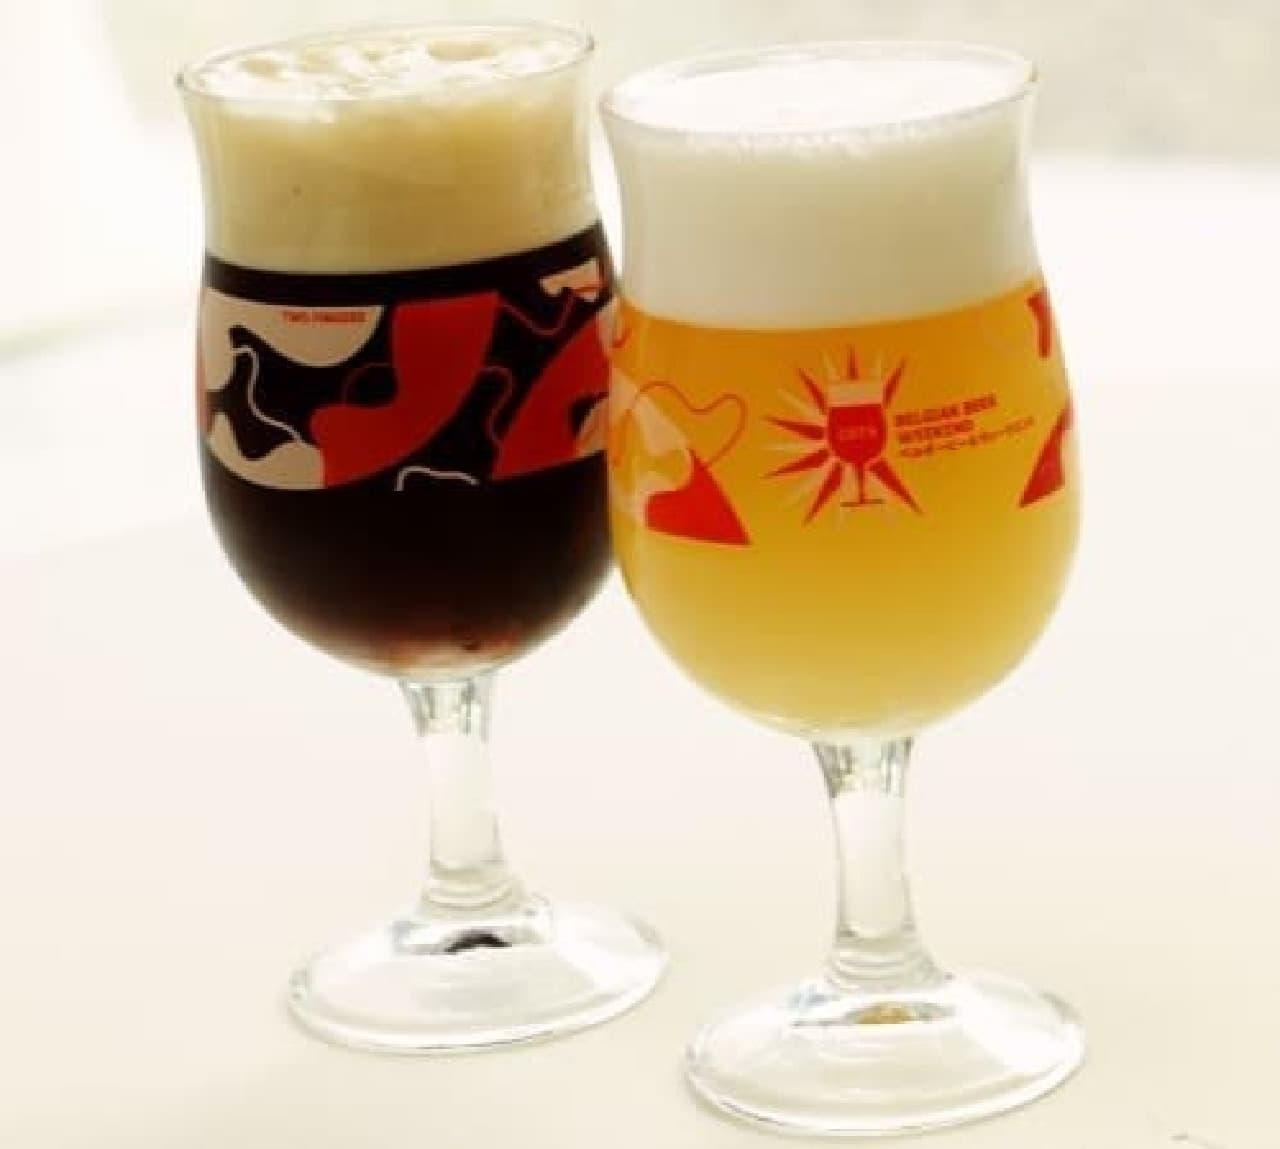 今年も飲んじゃう?ベルギービール!